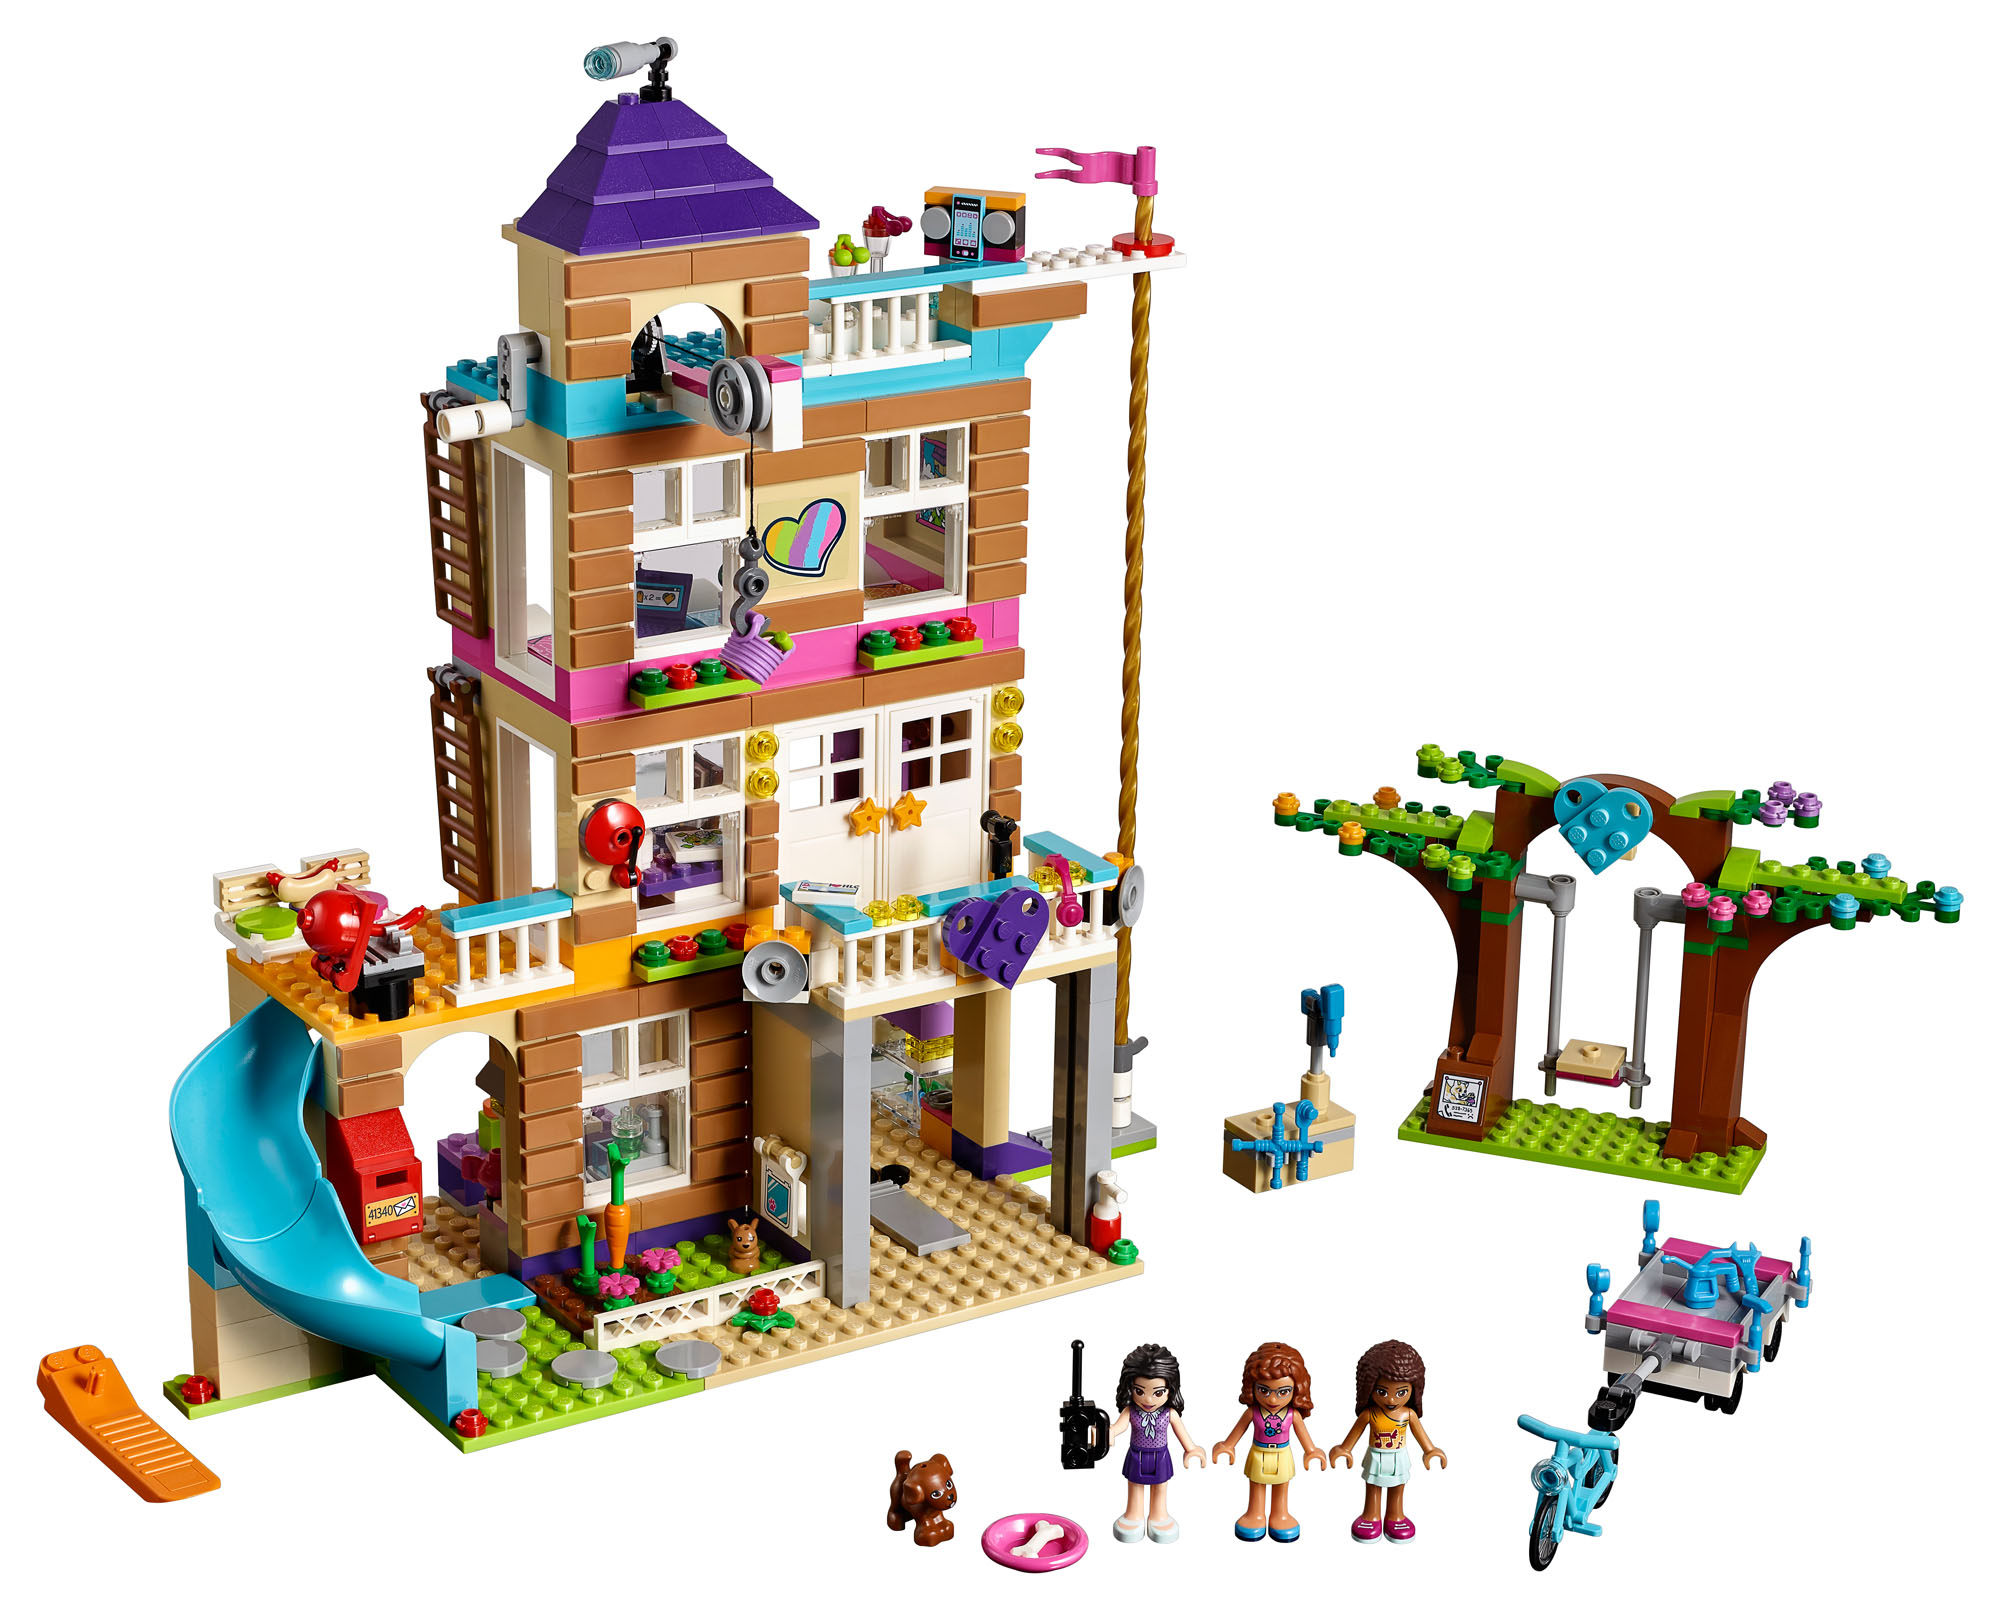 41340 Lego Friends Friendship House Set 722 Pieces Age 6